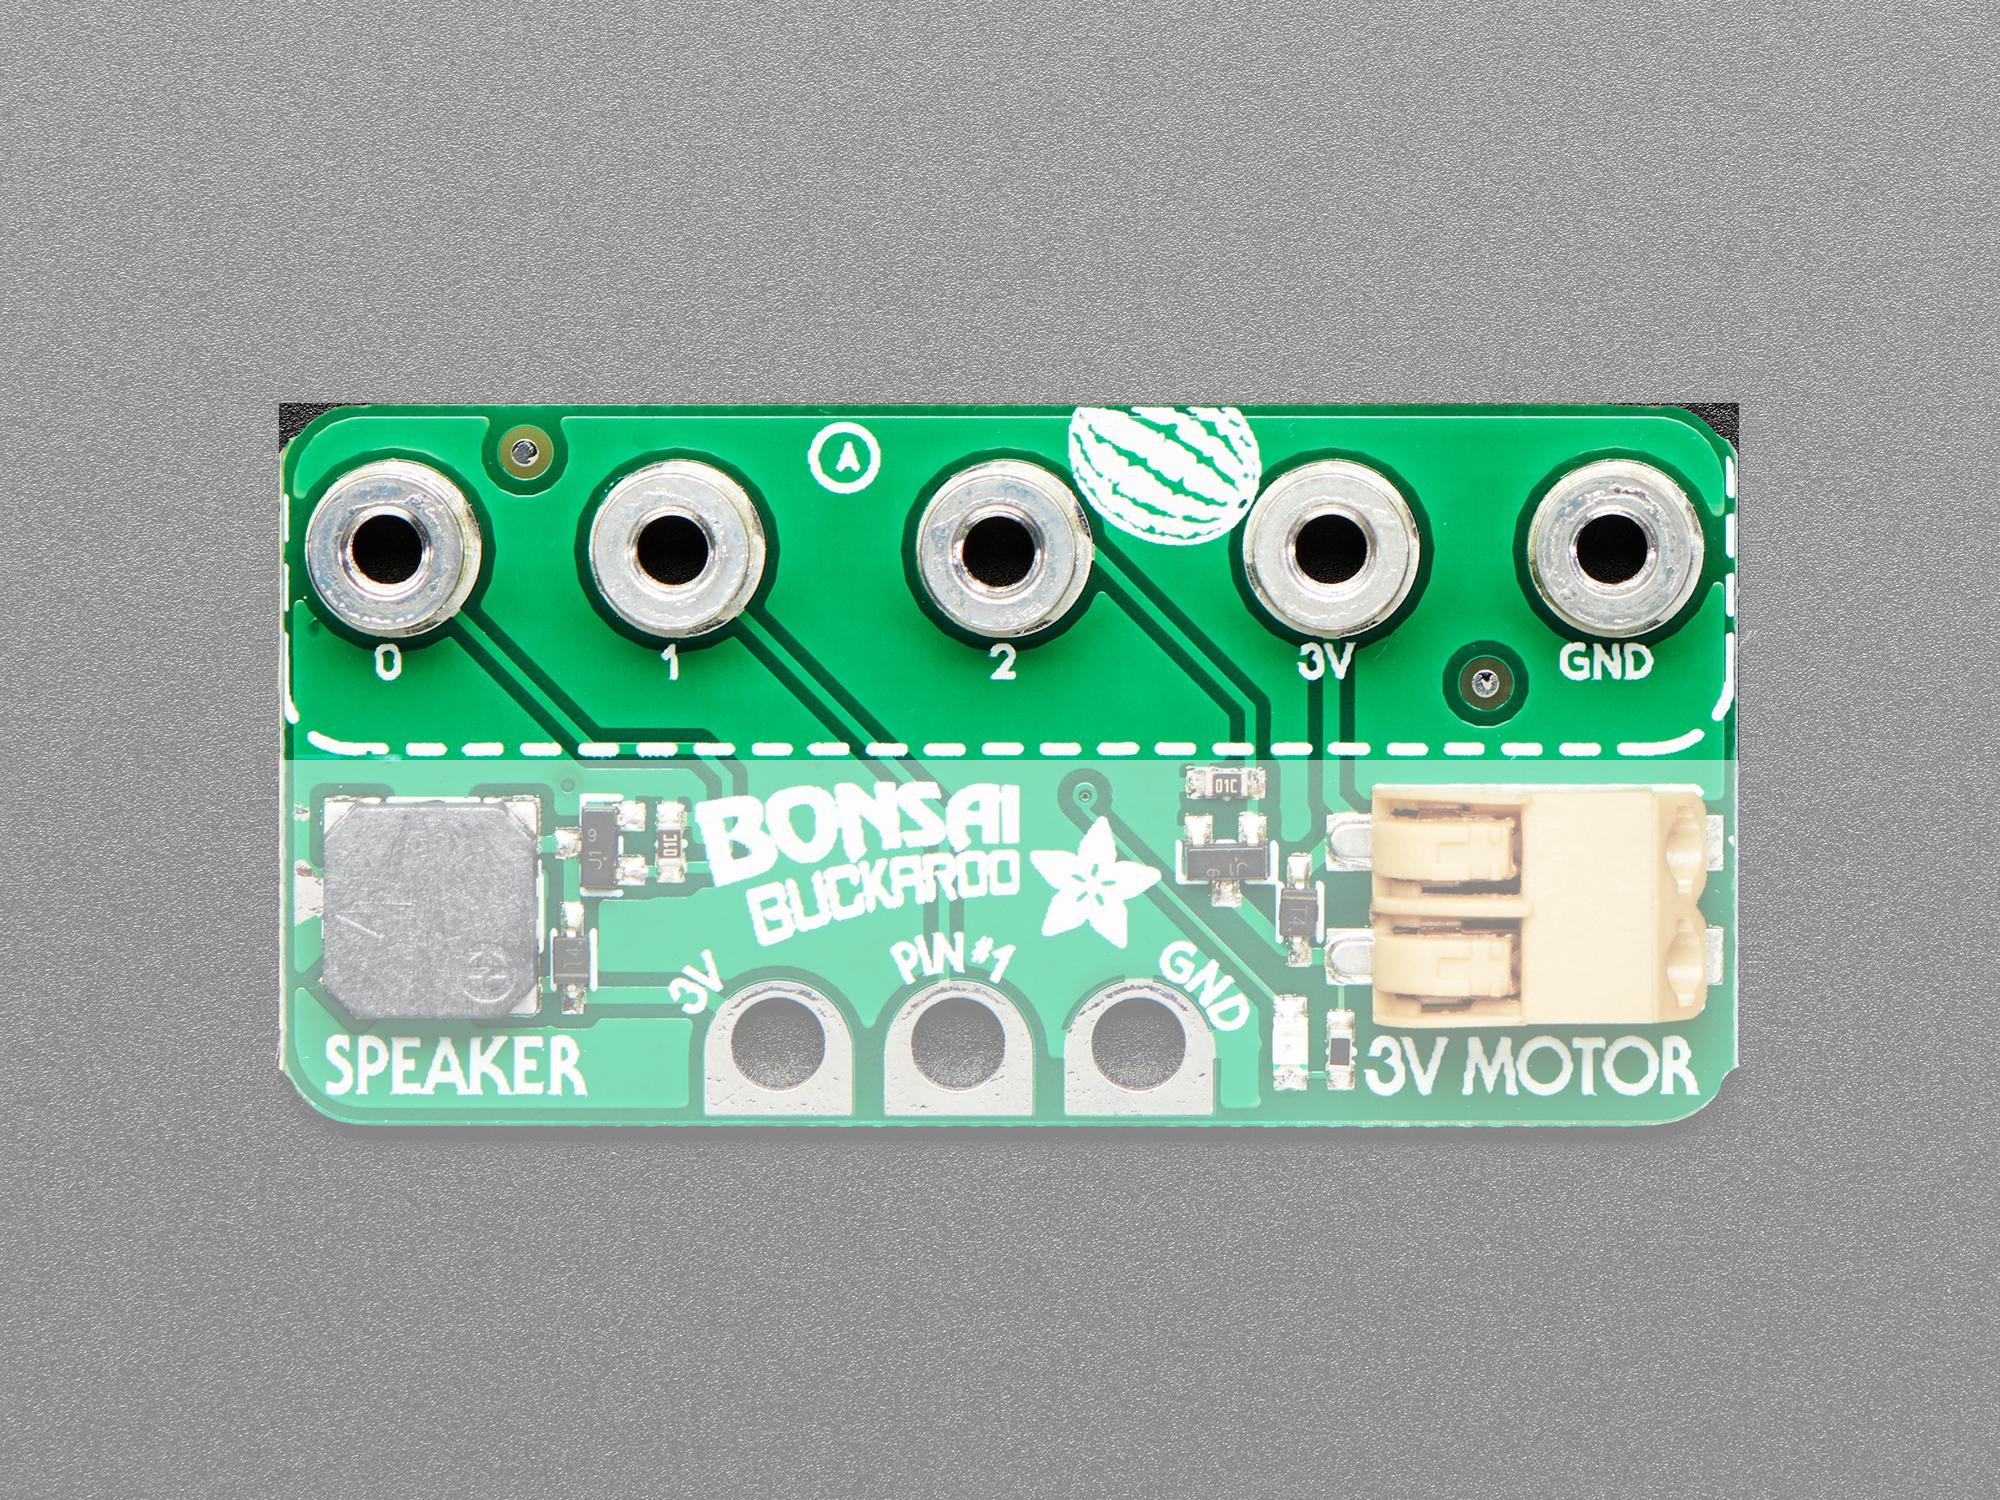 sensors_BB_pinouts_mount_points.jpg